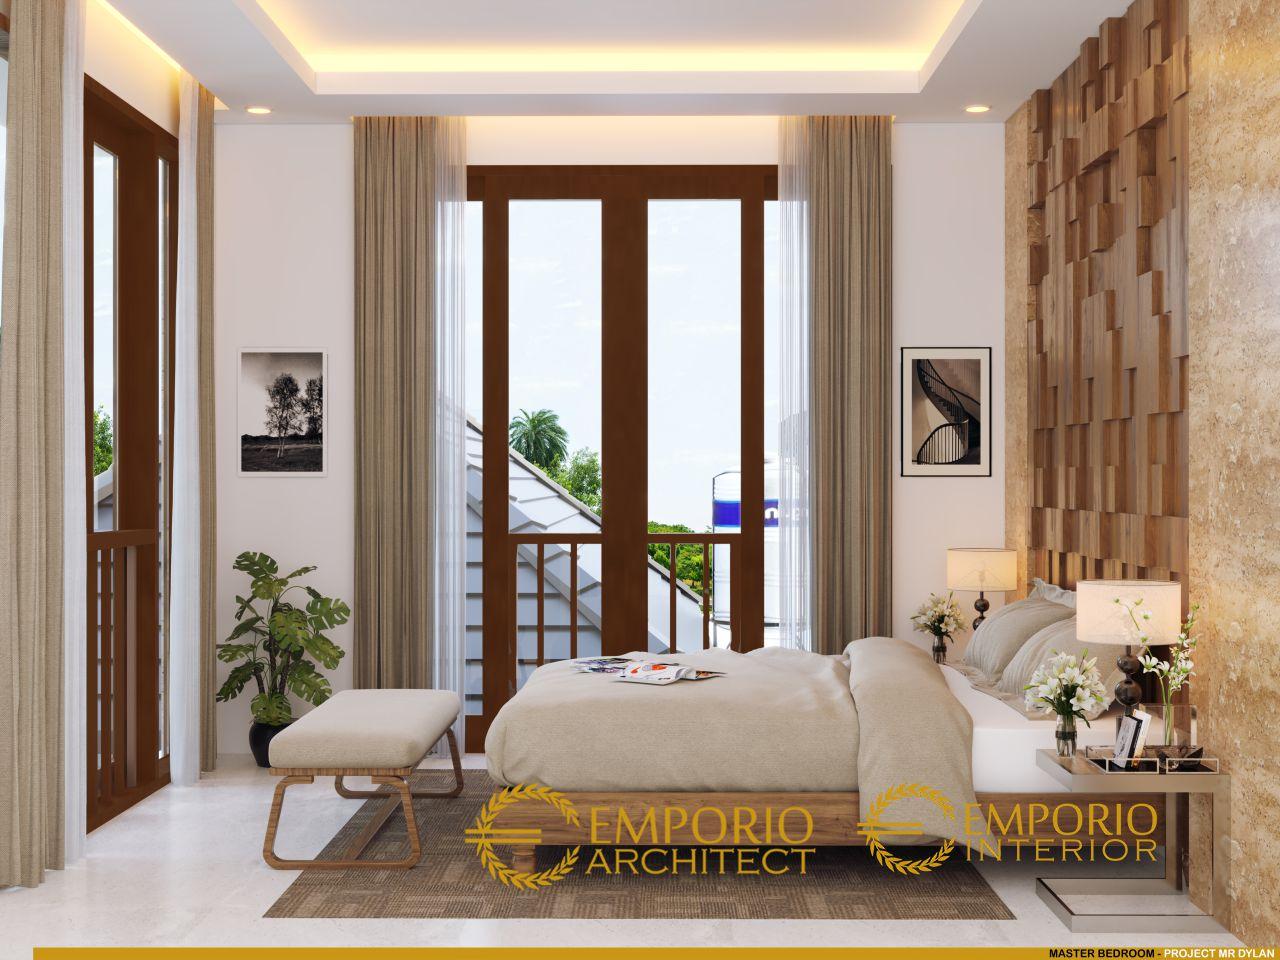 desain interior rumah villa bali 2 lantai mr dylan di tabanan bali 281356734250620022158 5